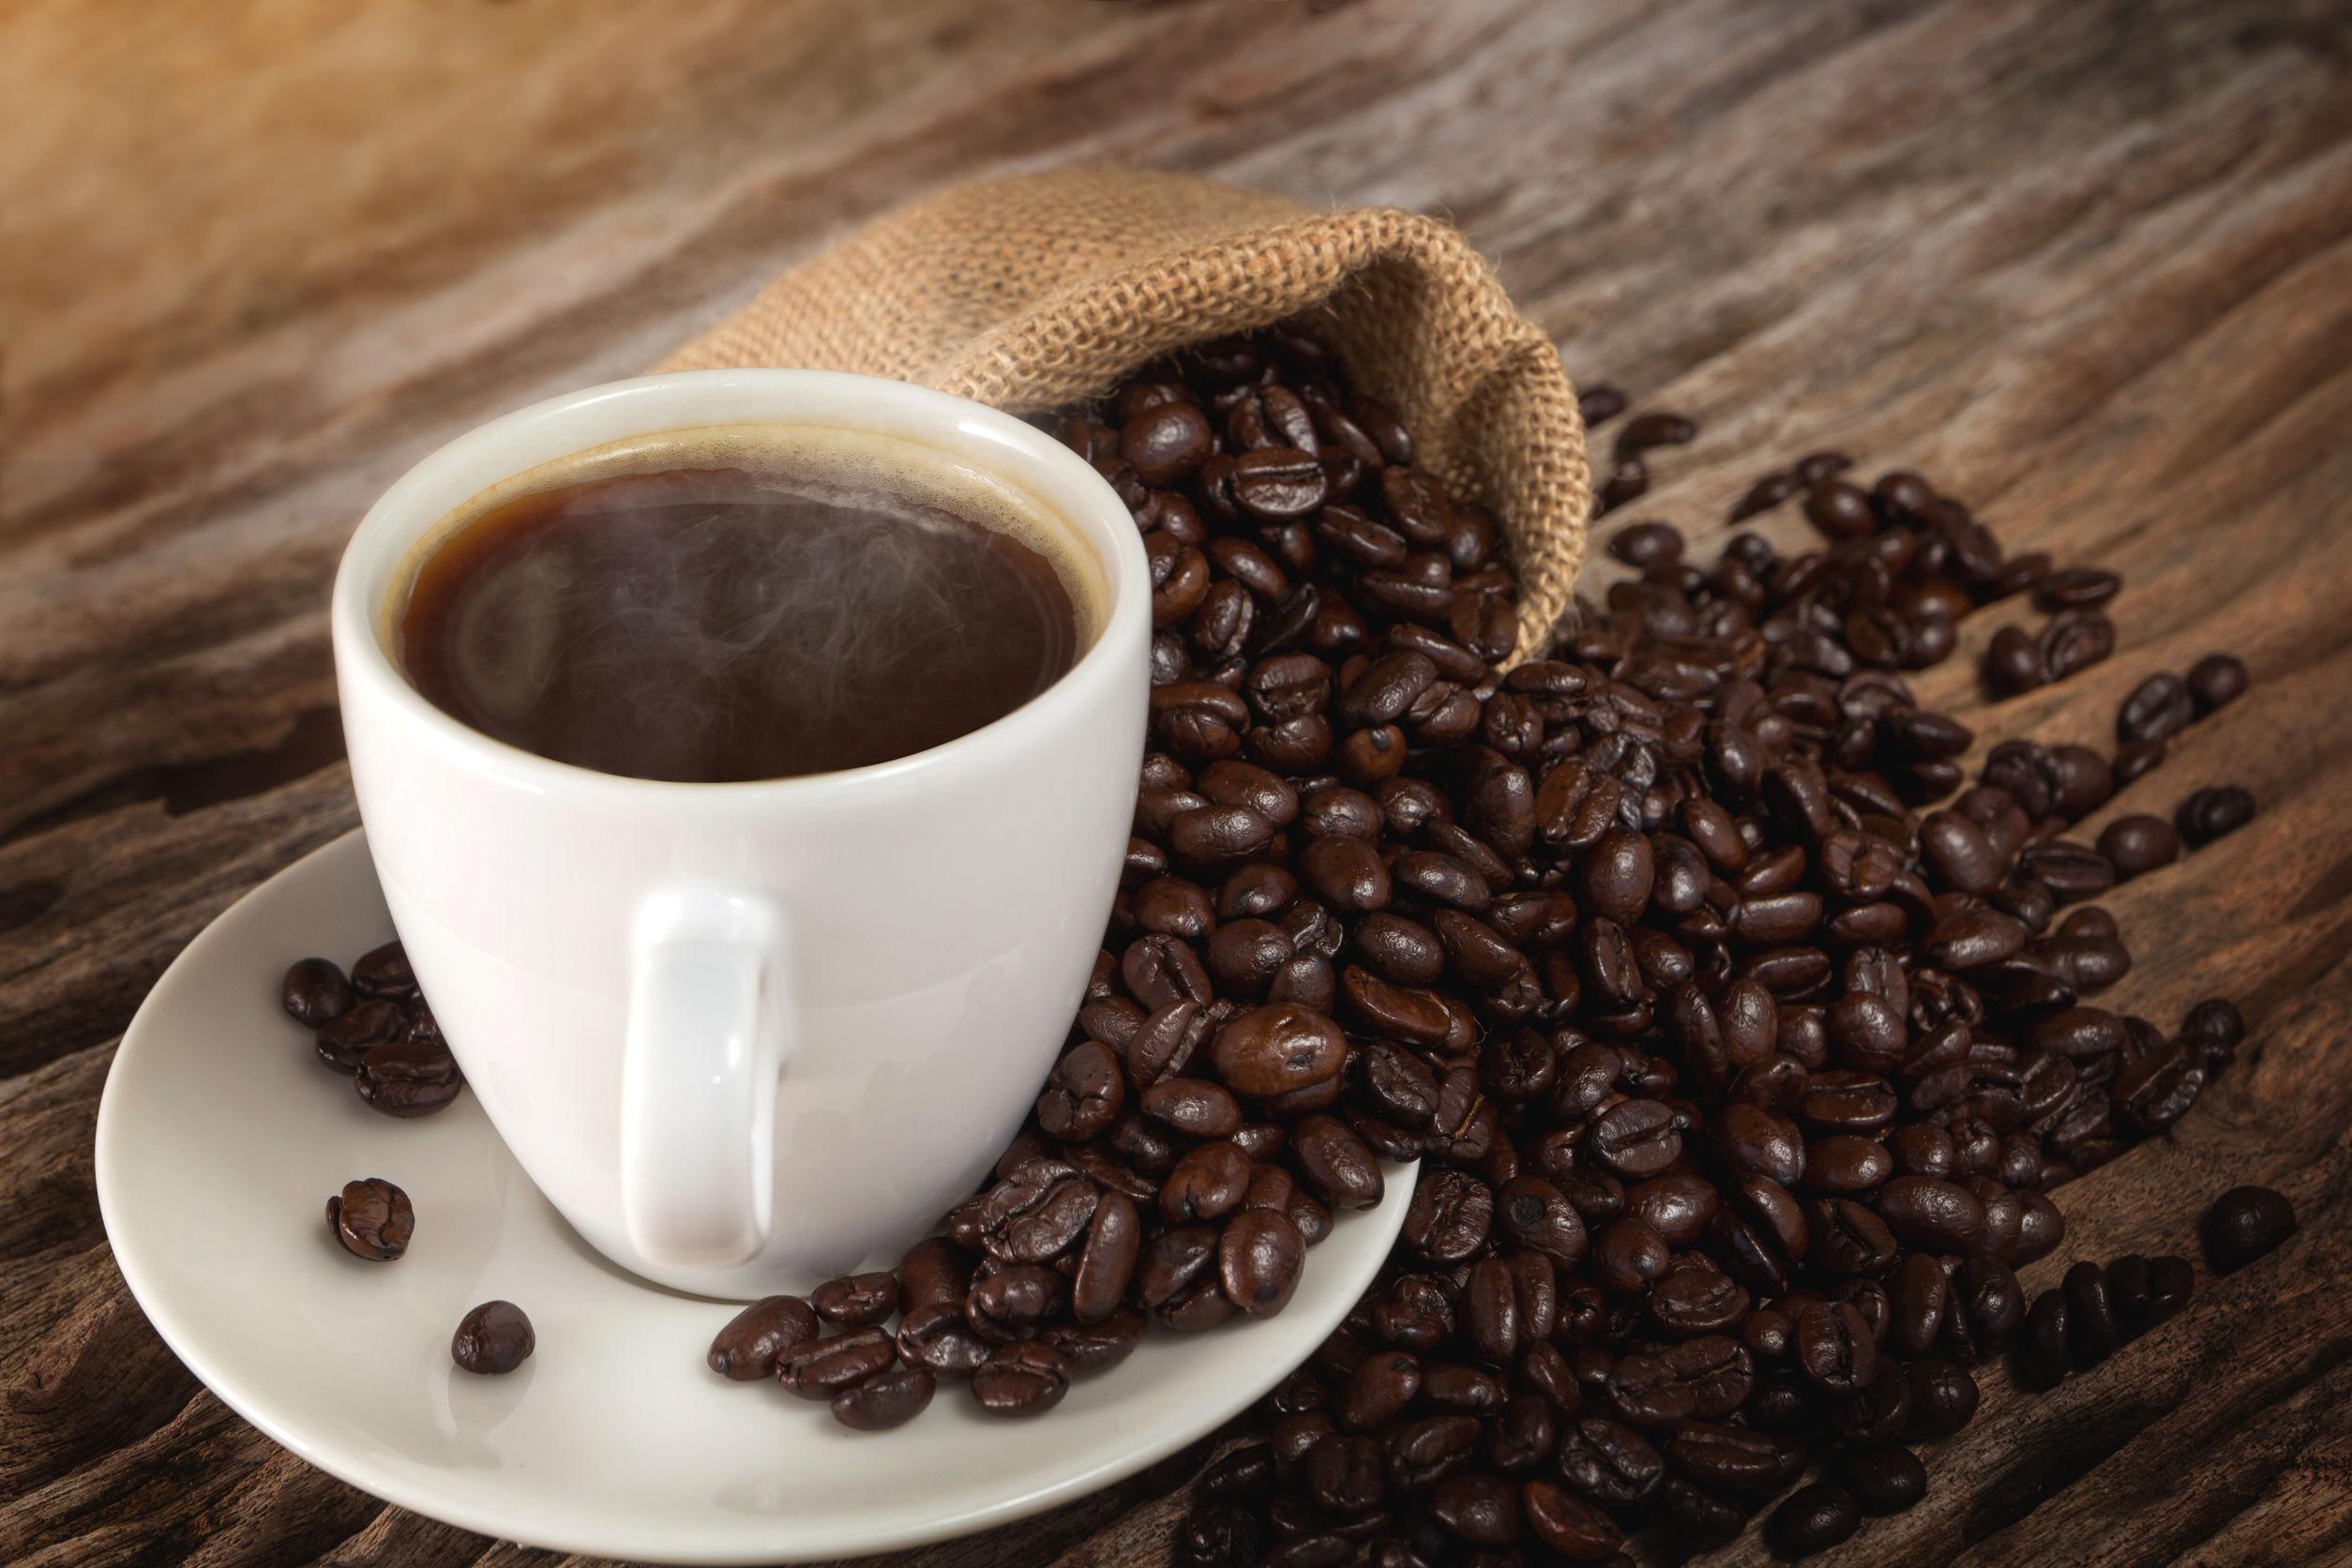 Una taza de café caliente en una mesa de madera con granos de café tostados